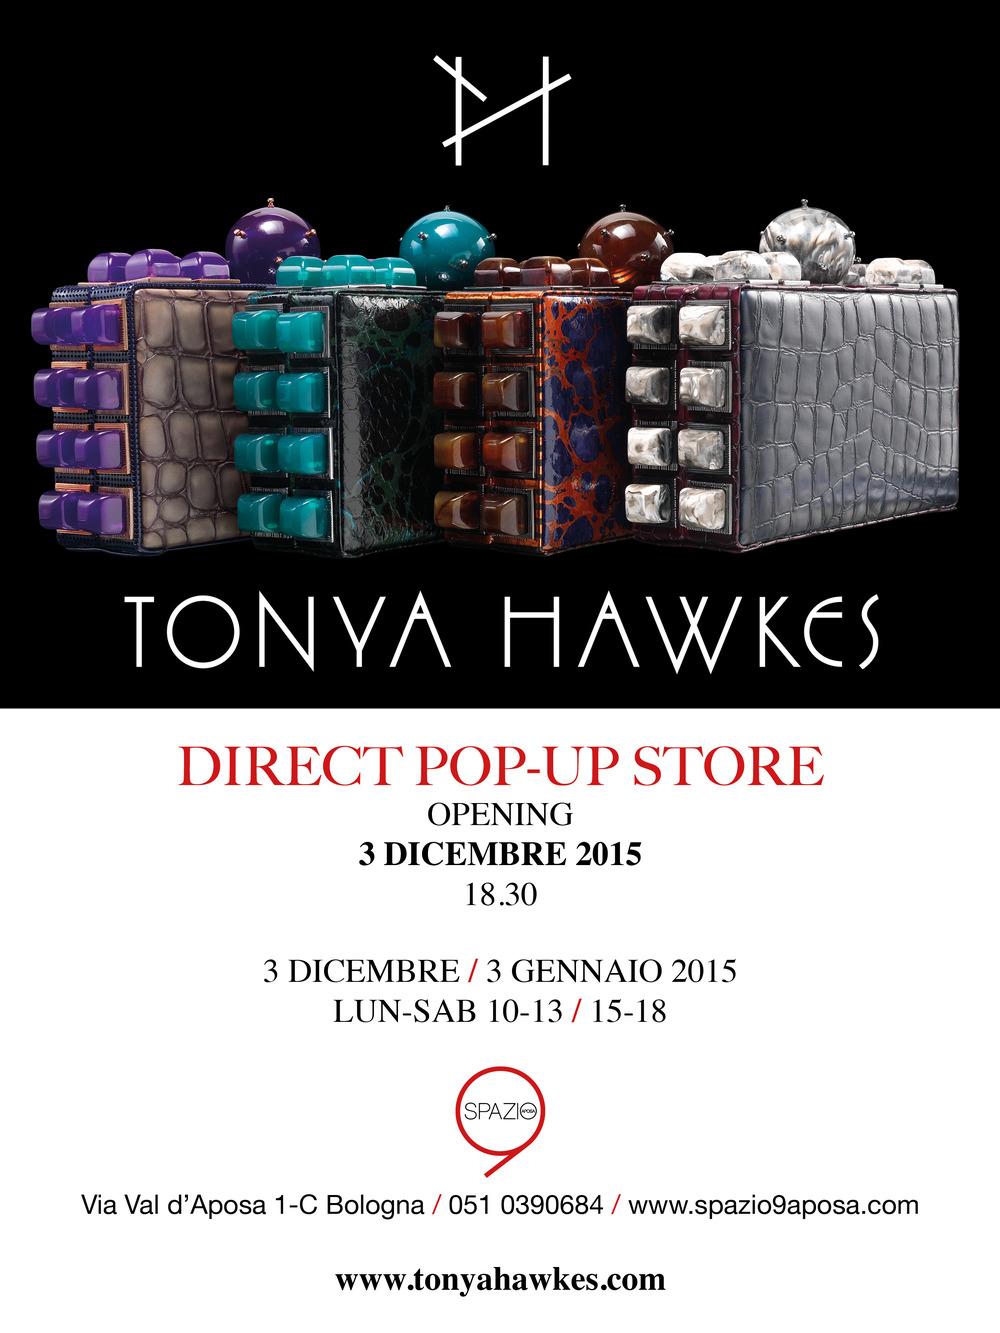 Tonya Hawkes